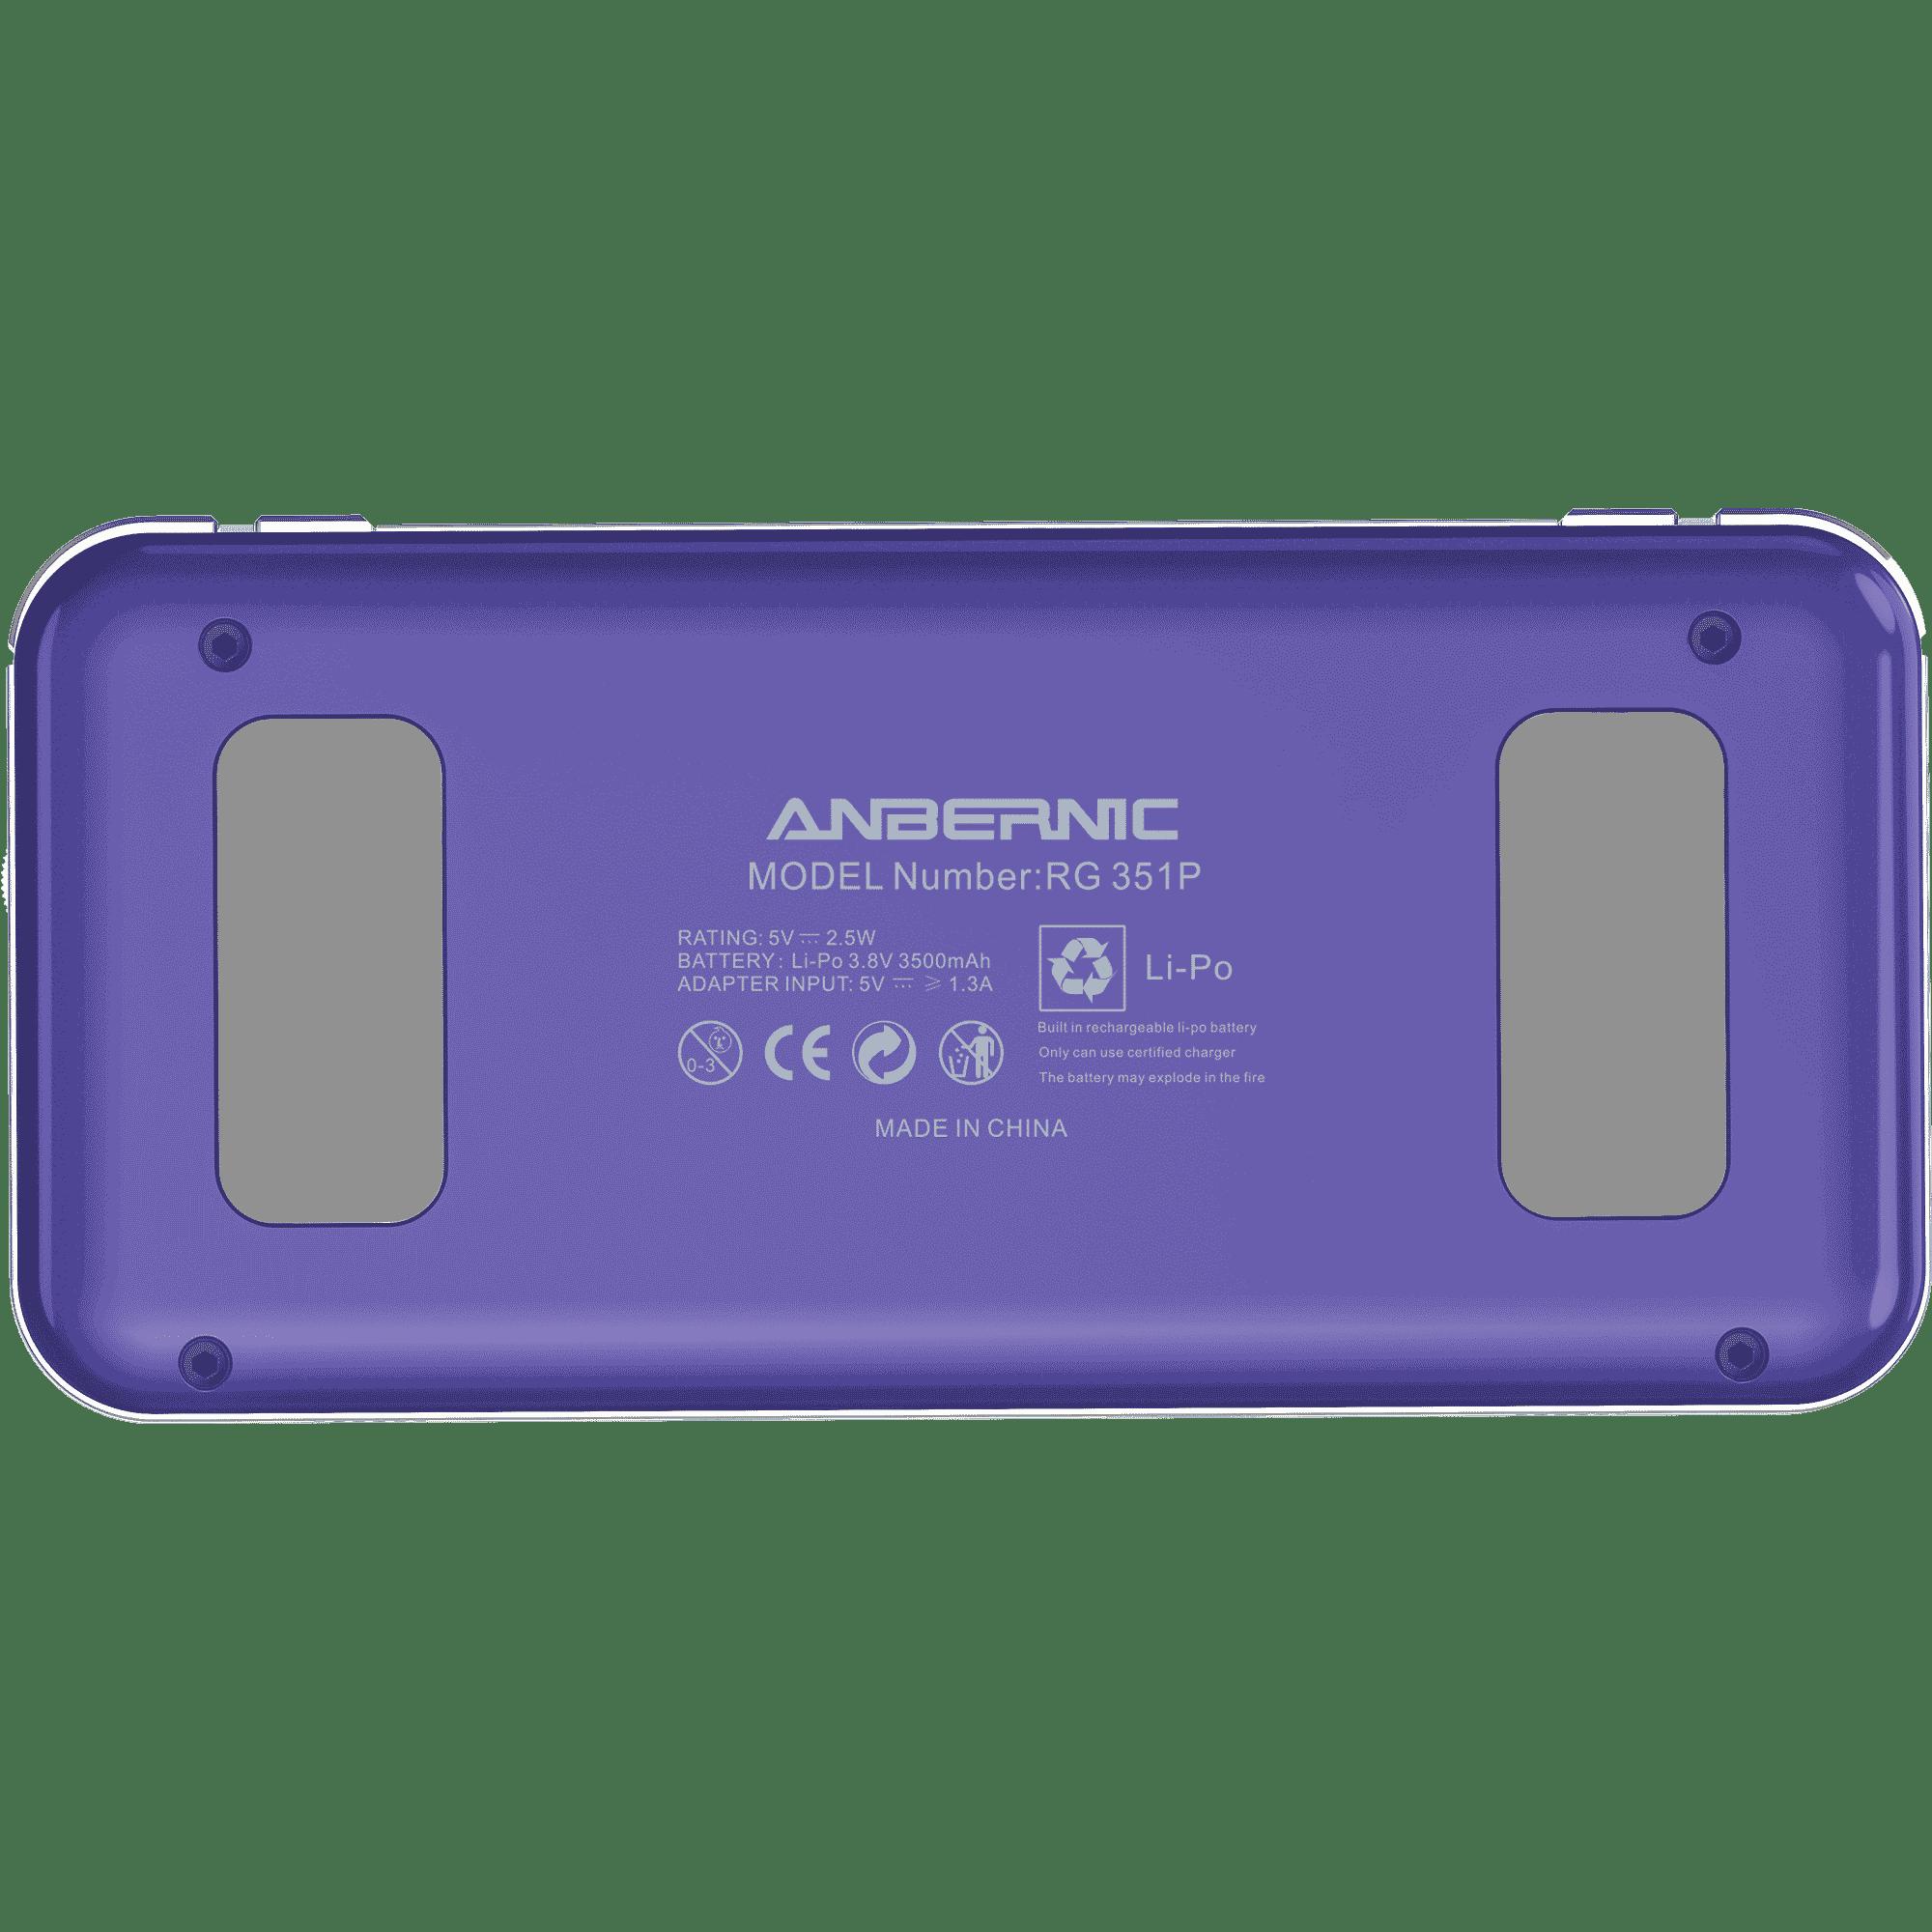 RG351P Purple Retro Gaming Emulator - Showing Back